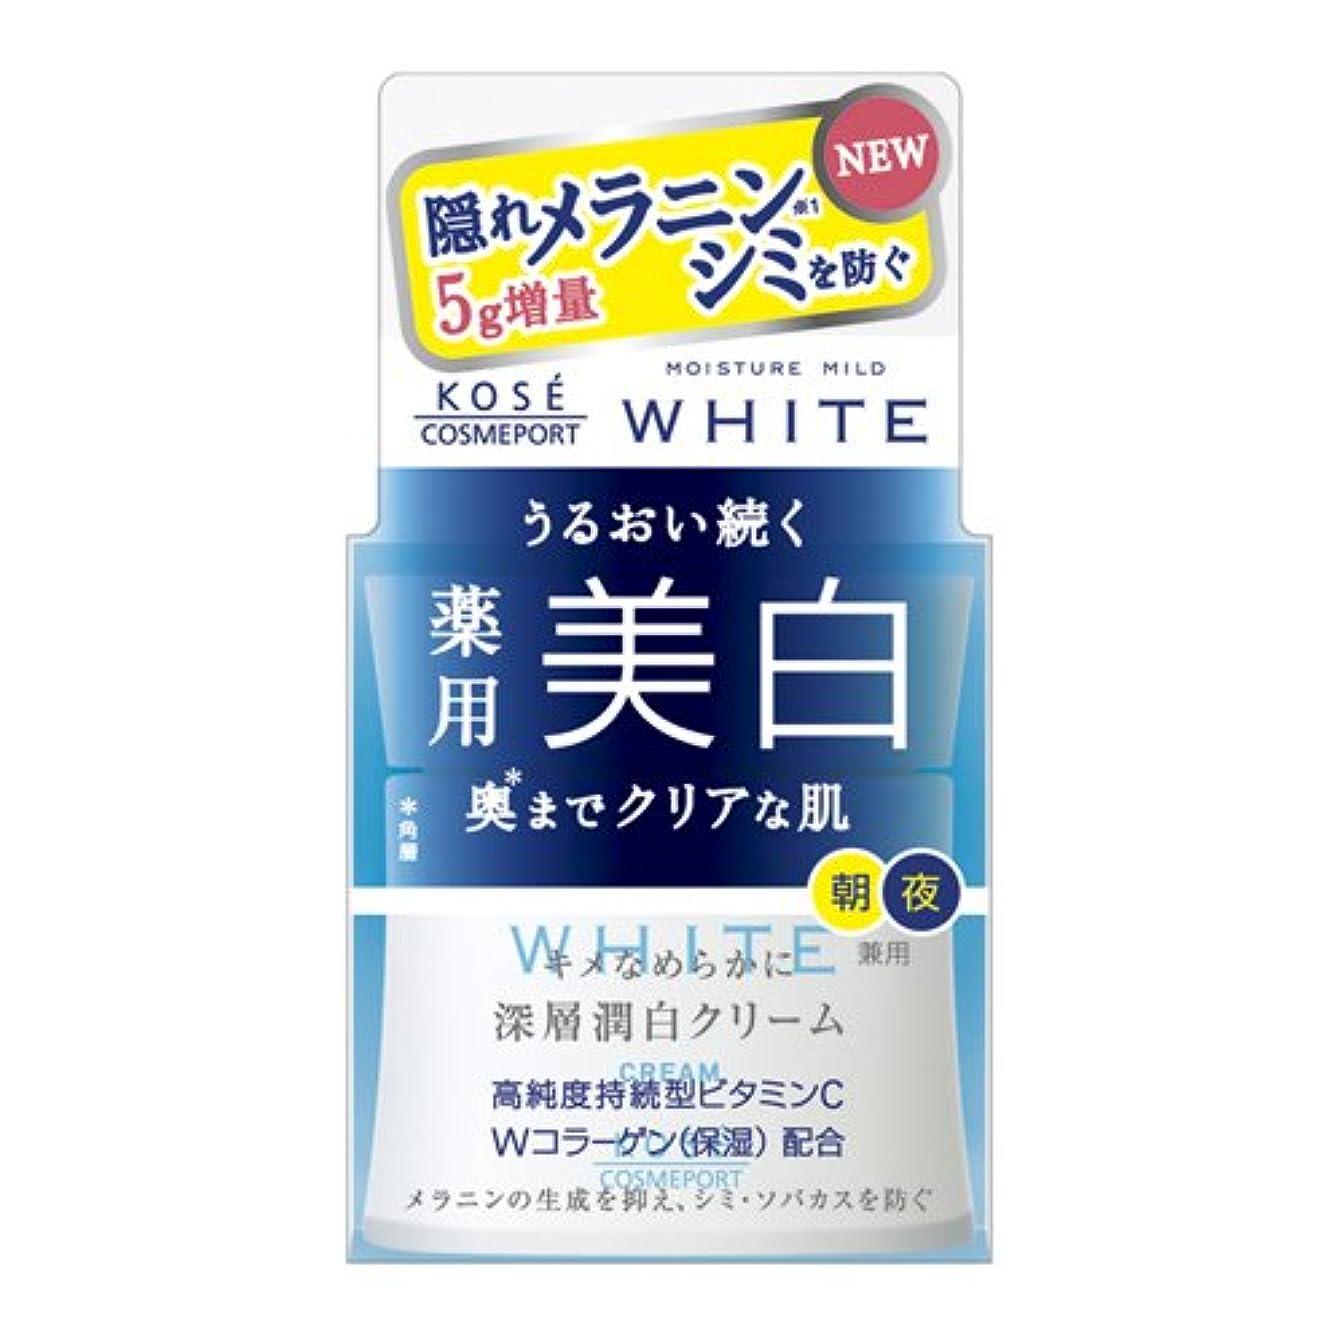 フォローバイオレット砂漠KOSE コーセー モイスチュアマイルド ホワイト クリーム 55g